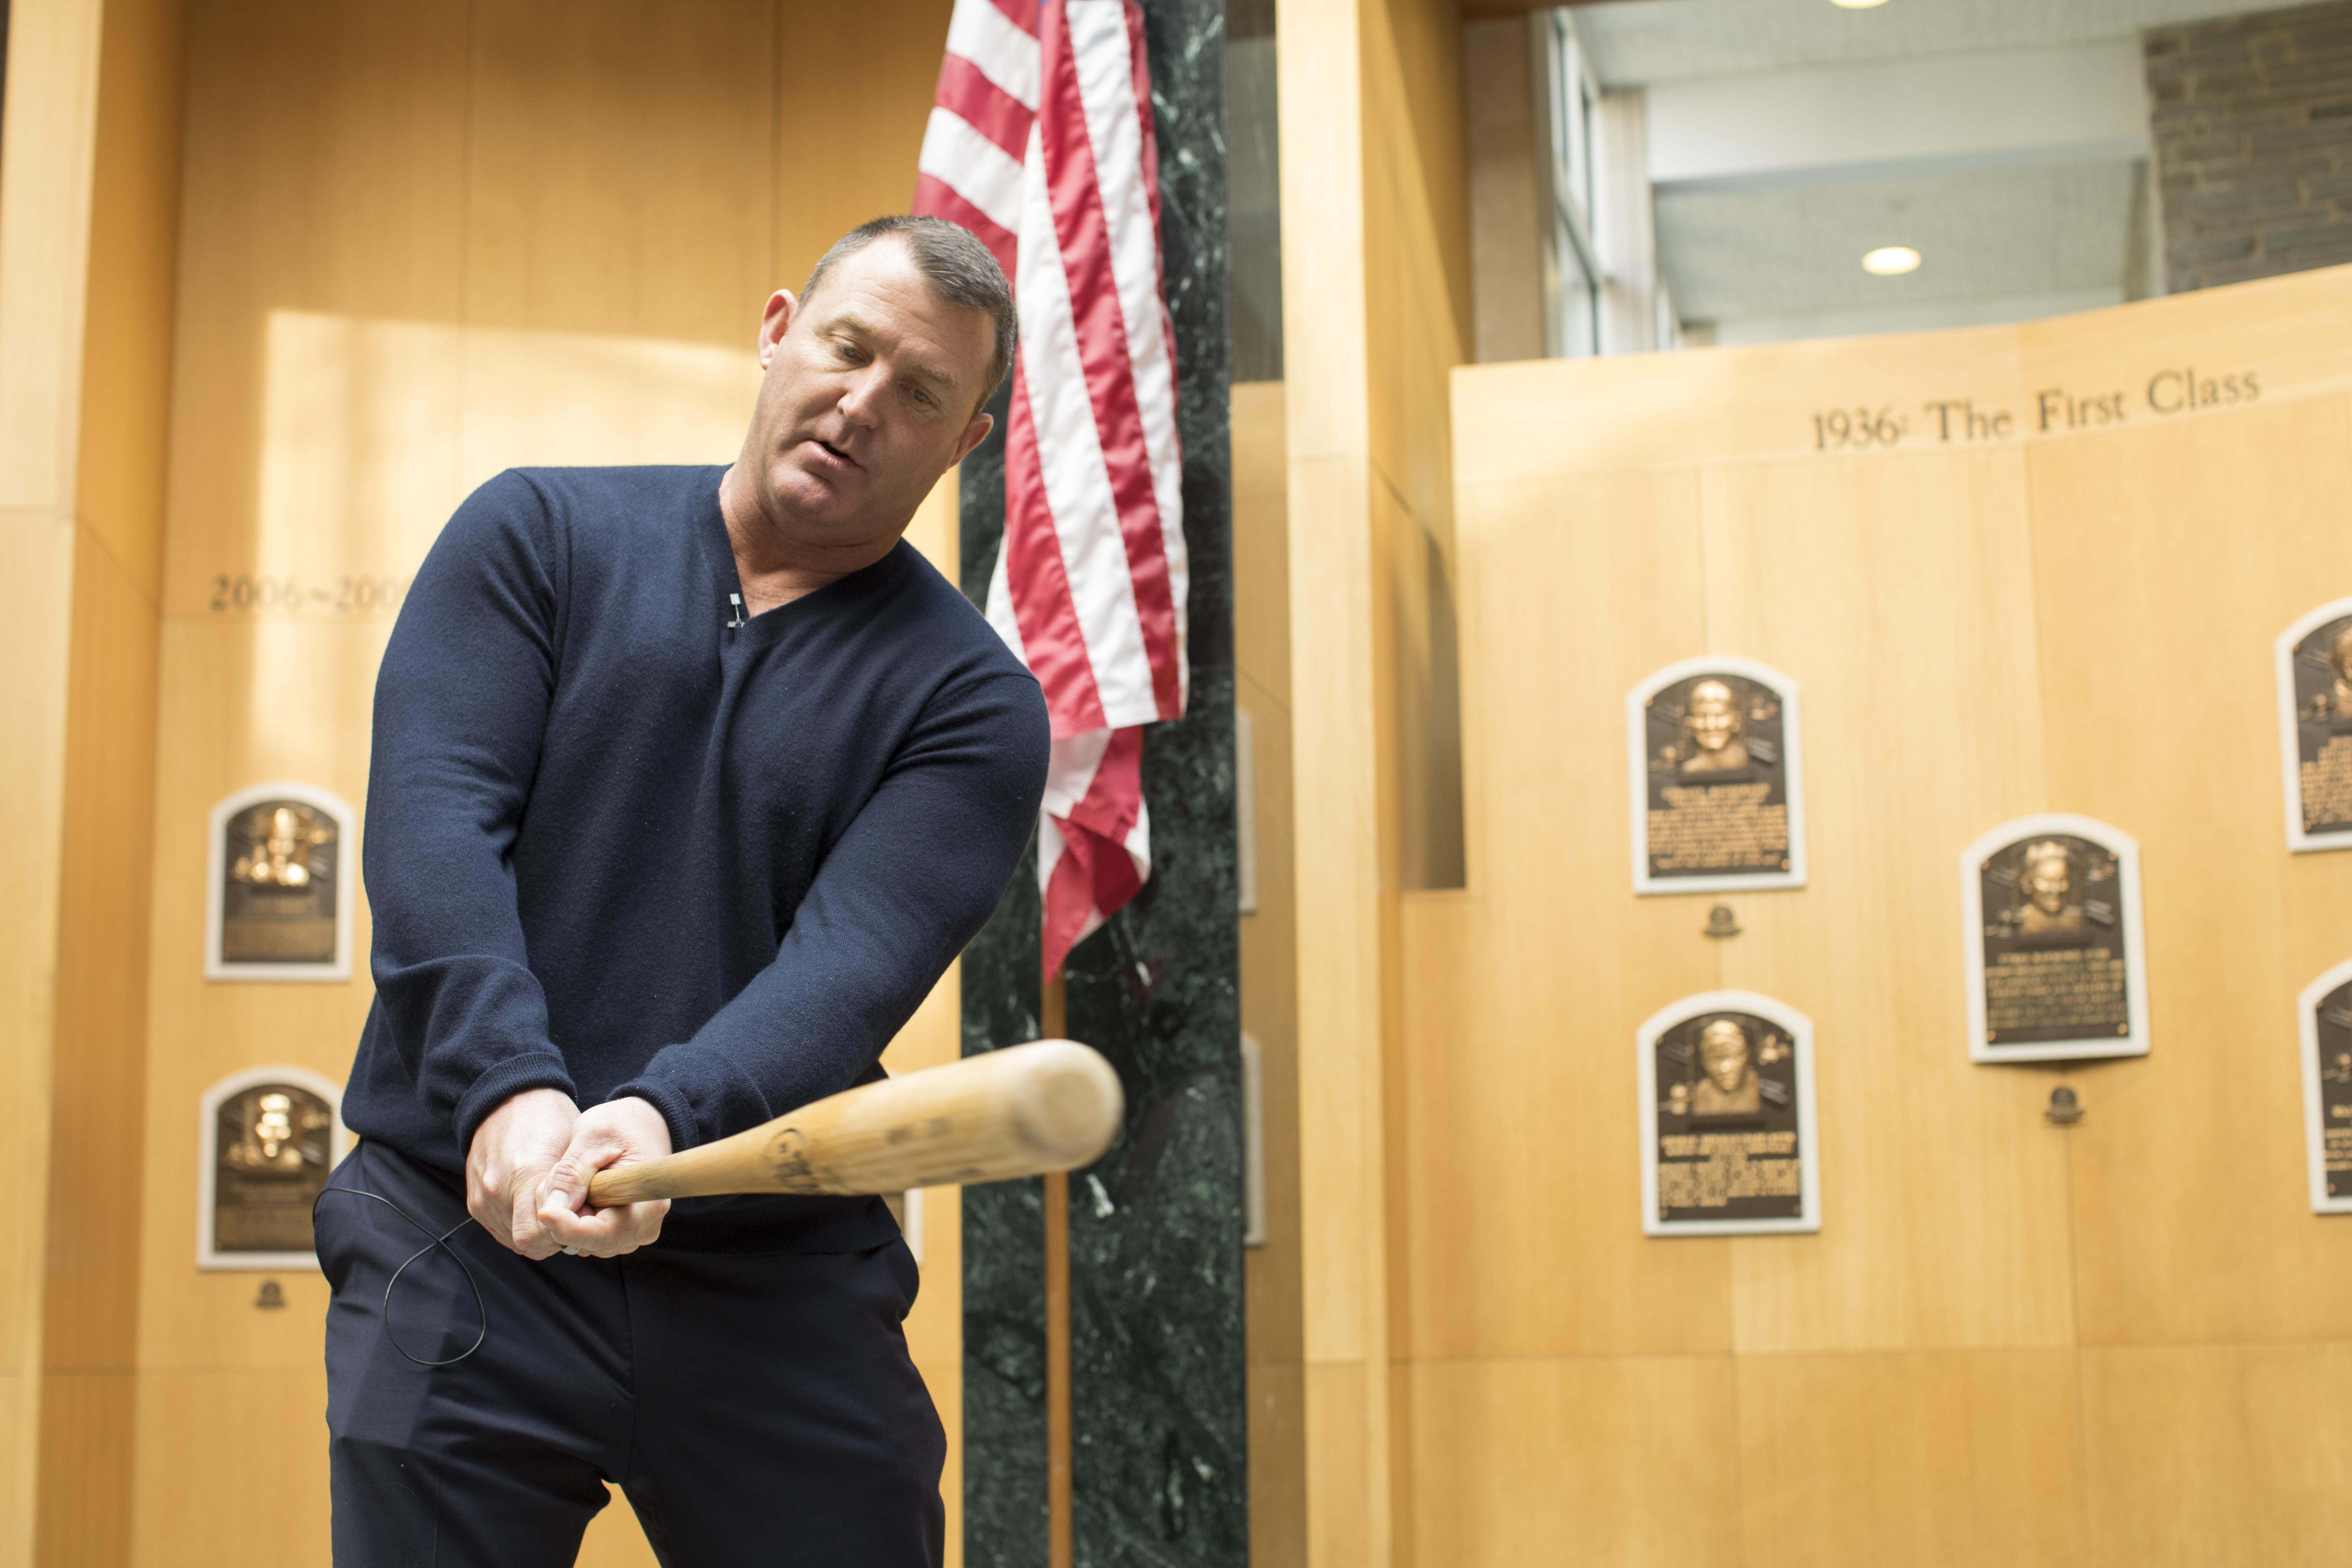 Hall_of_fame_thome_baseball_75594